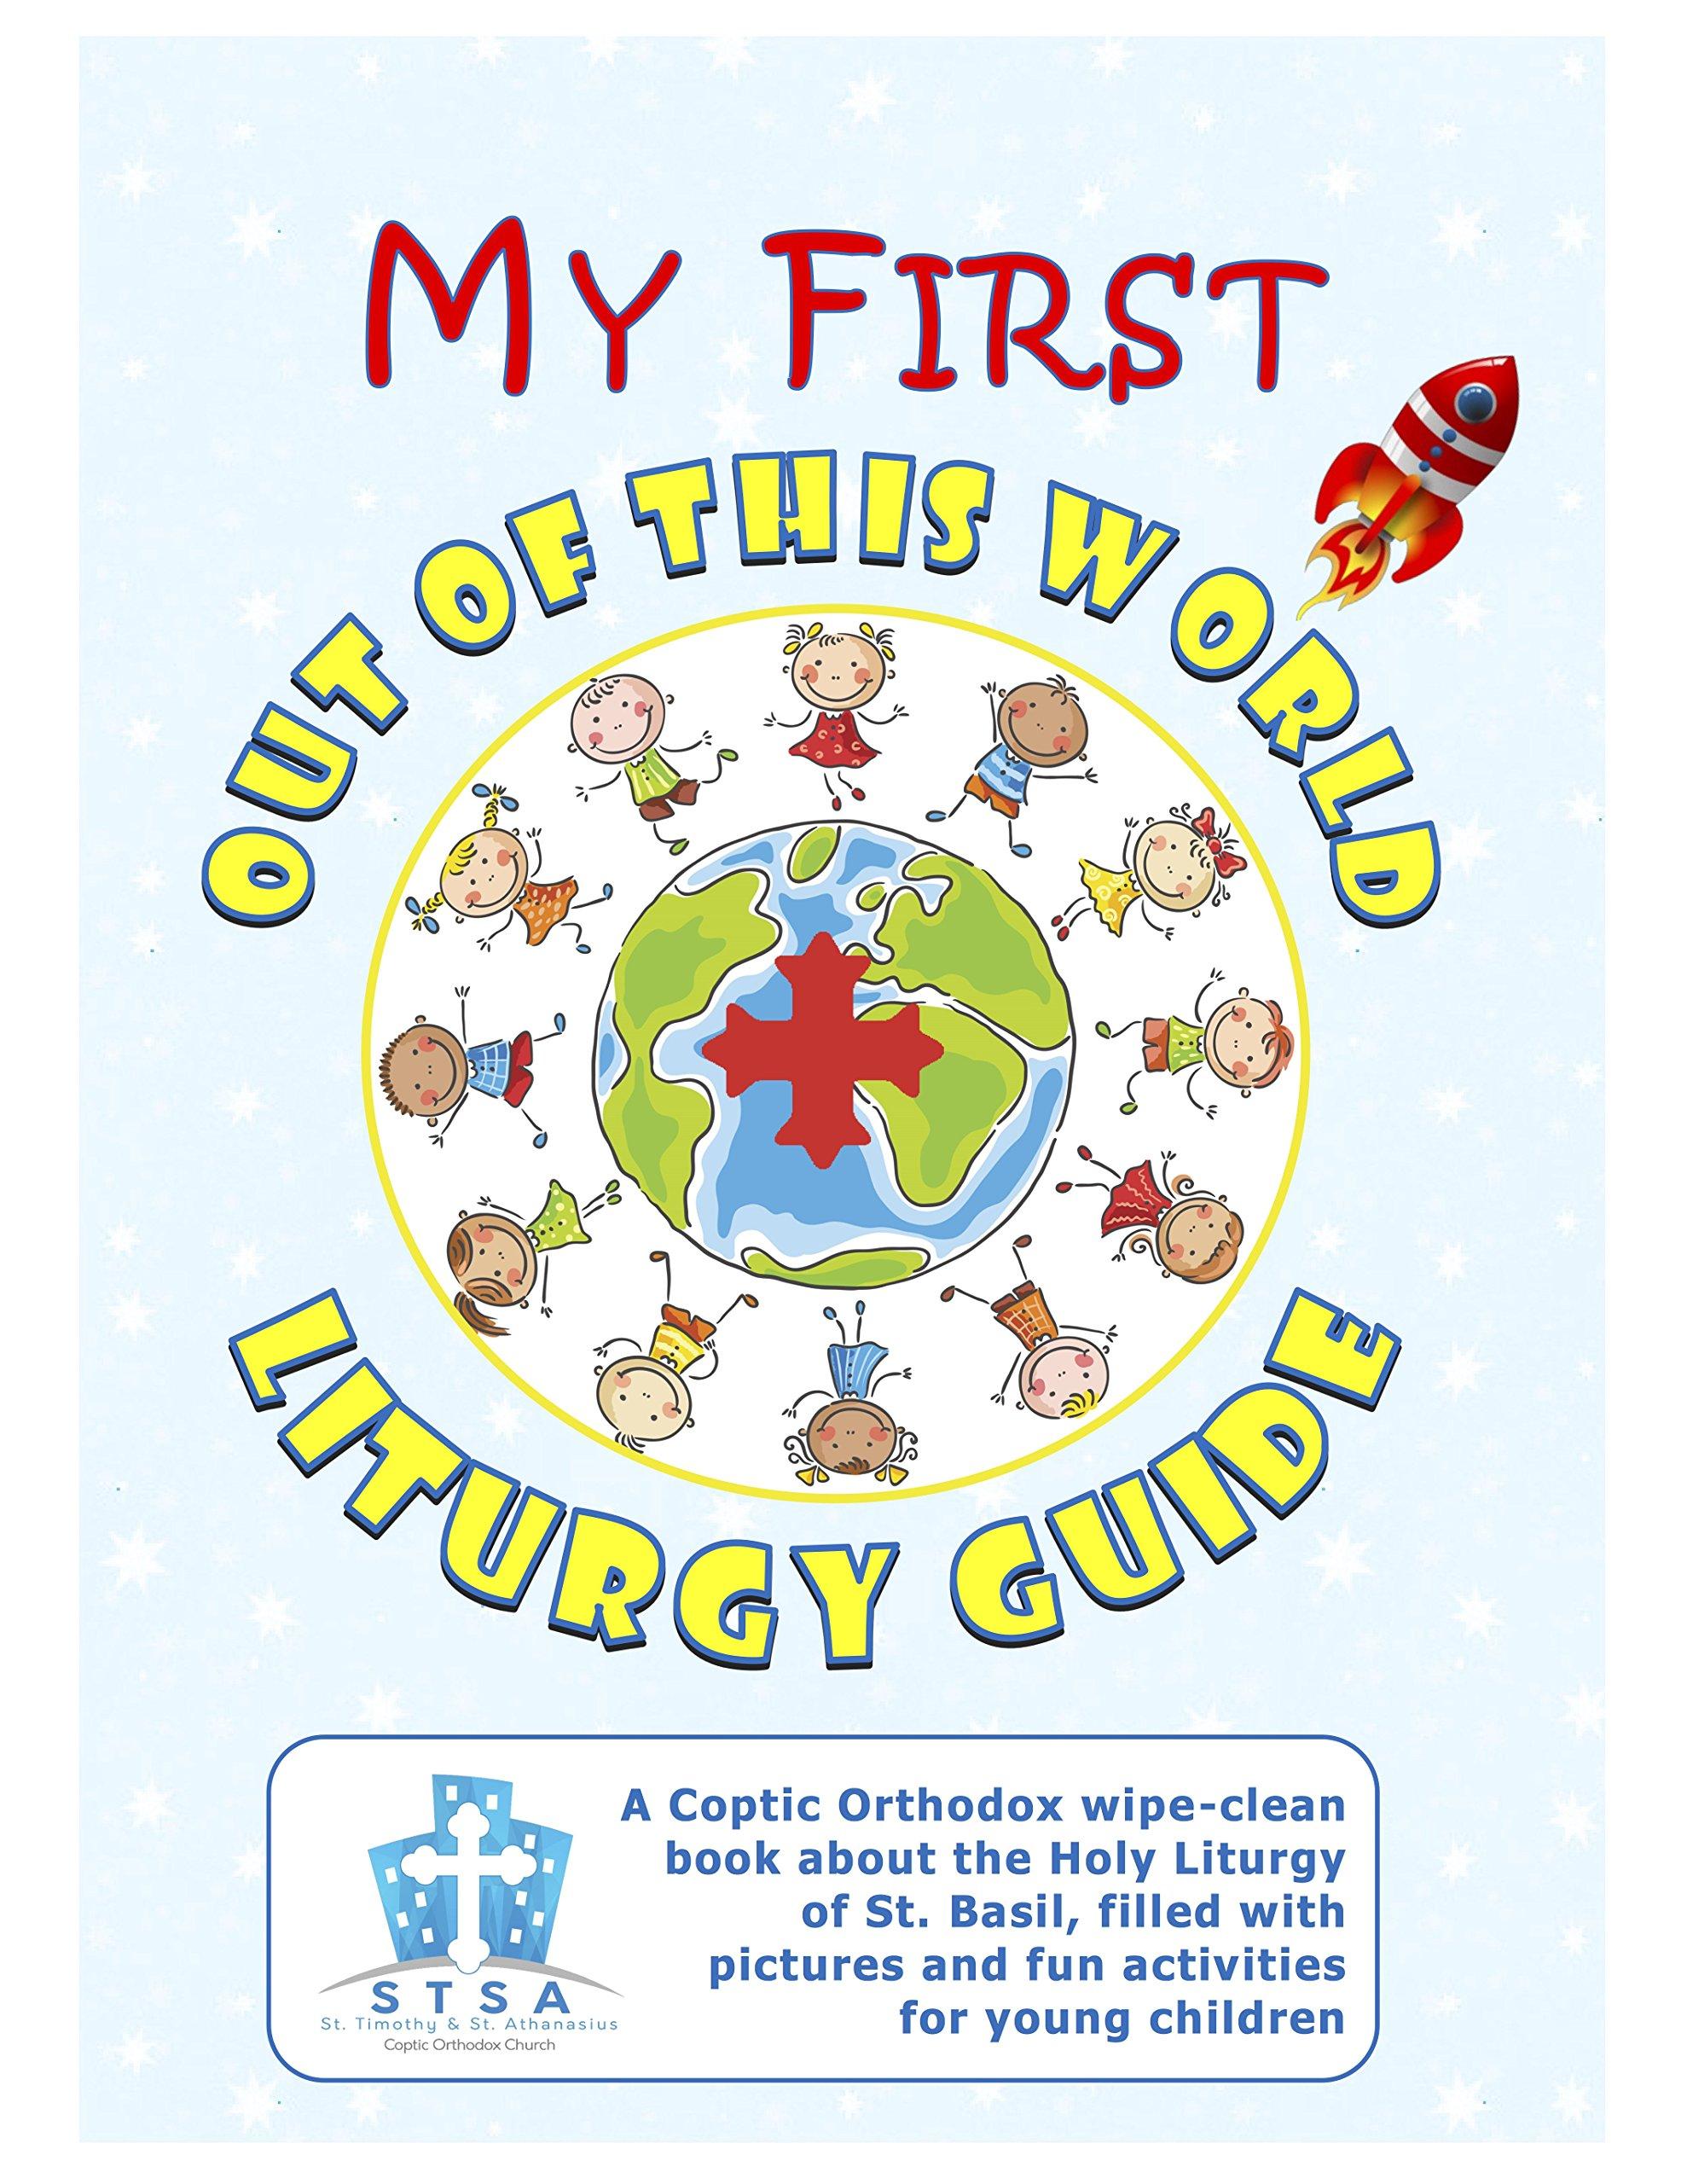 liturgy guide - my first.jpg